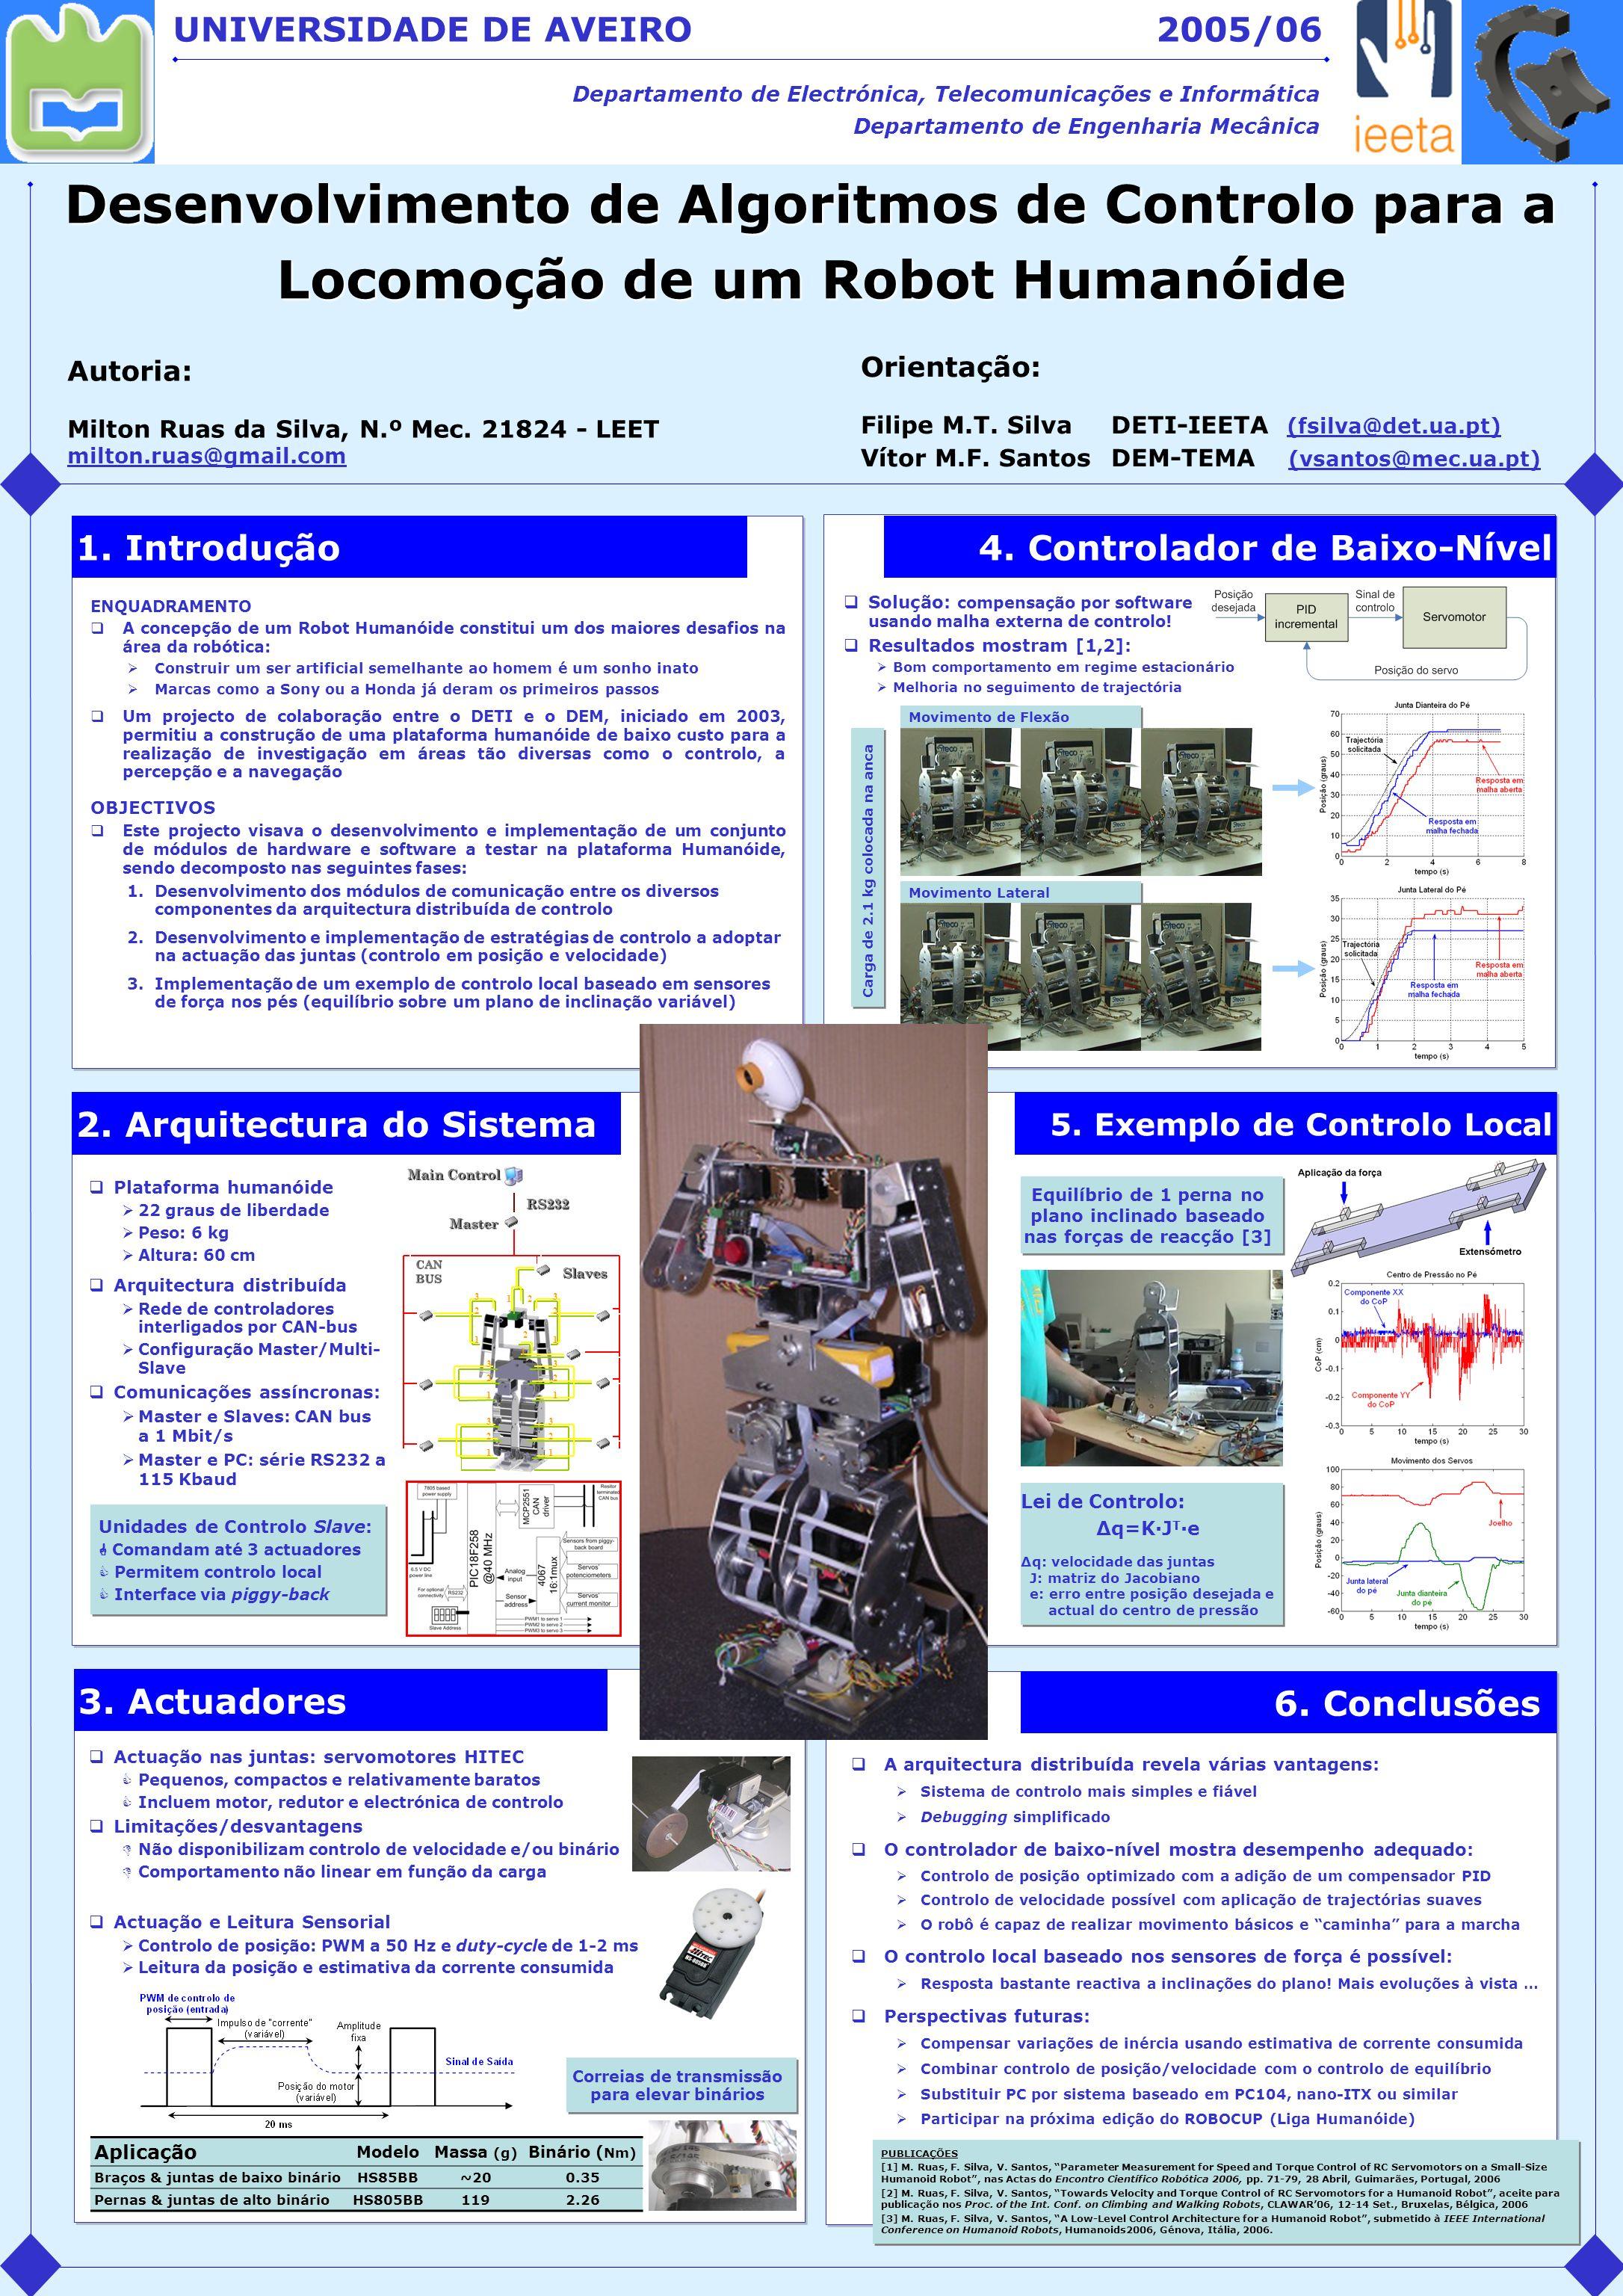 Desenvolvimento de Algoritmos de Controlo para a Locomoção de um Robot Humanóide UNIVERSIDADE DE AVEIRO Departamento de Electrónica, Telecomunicações e Informática Departamento de Engenharia Mecânica 3.